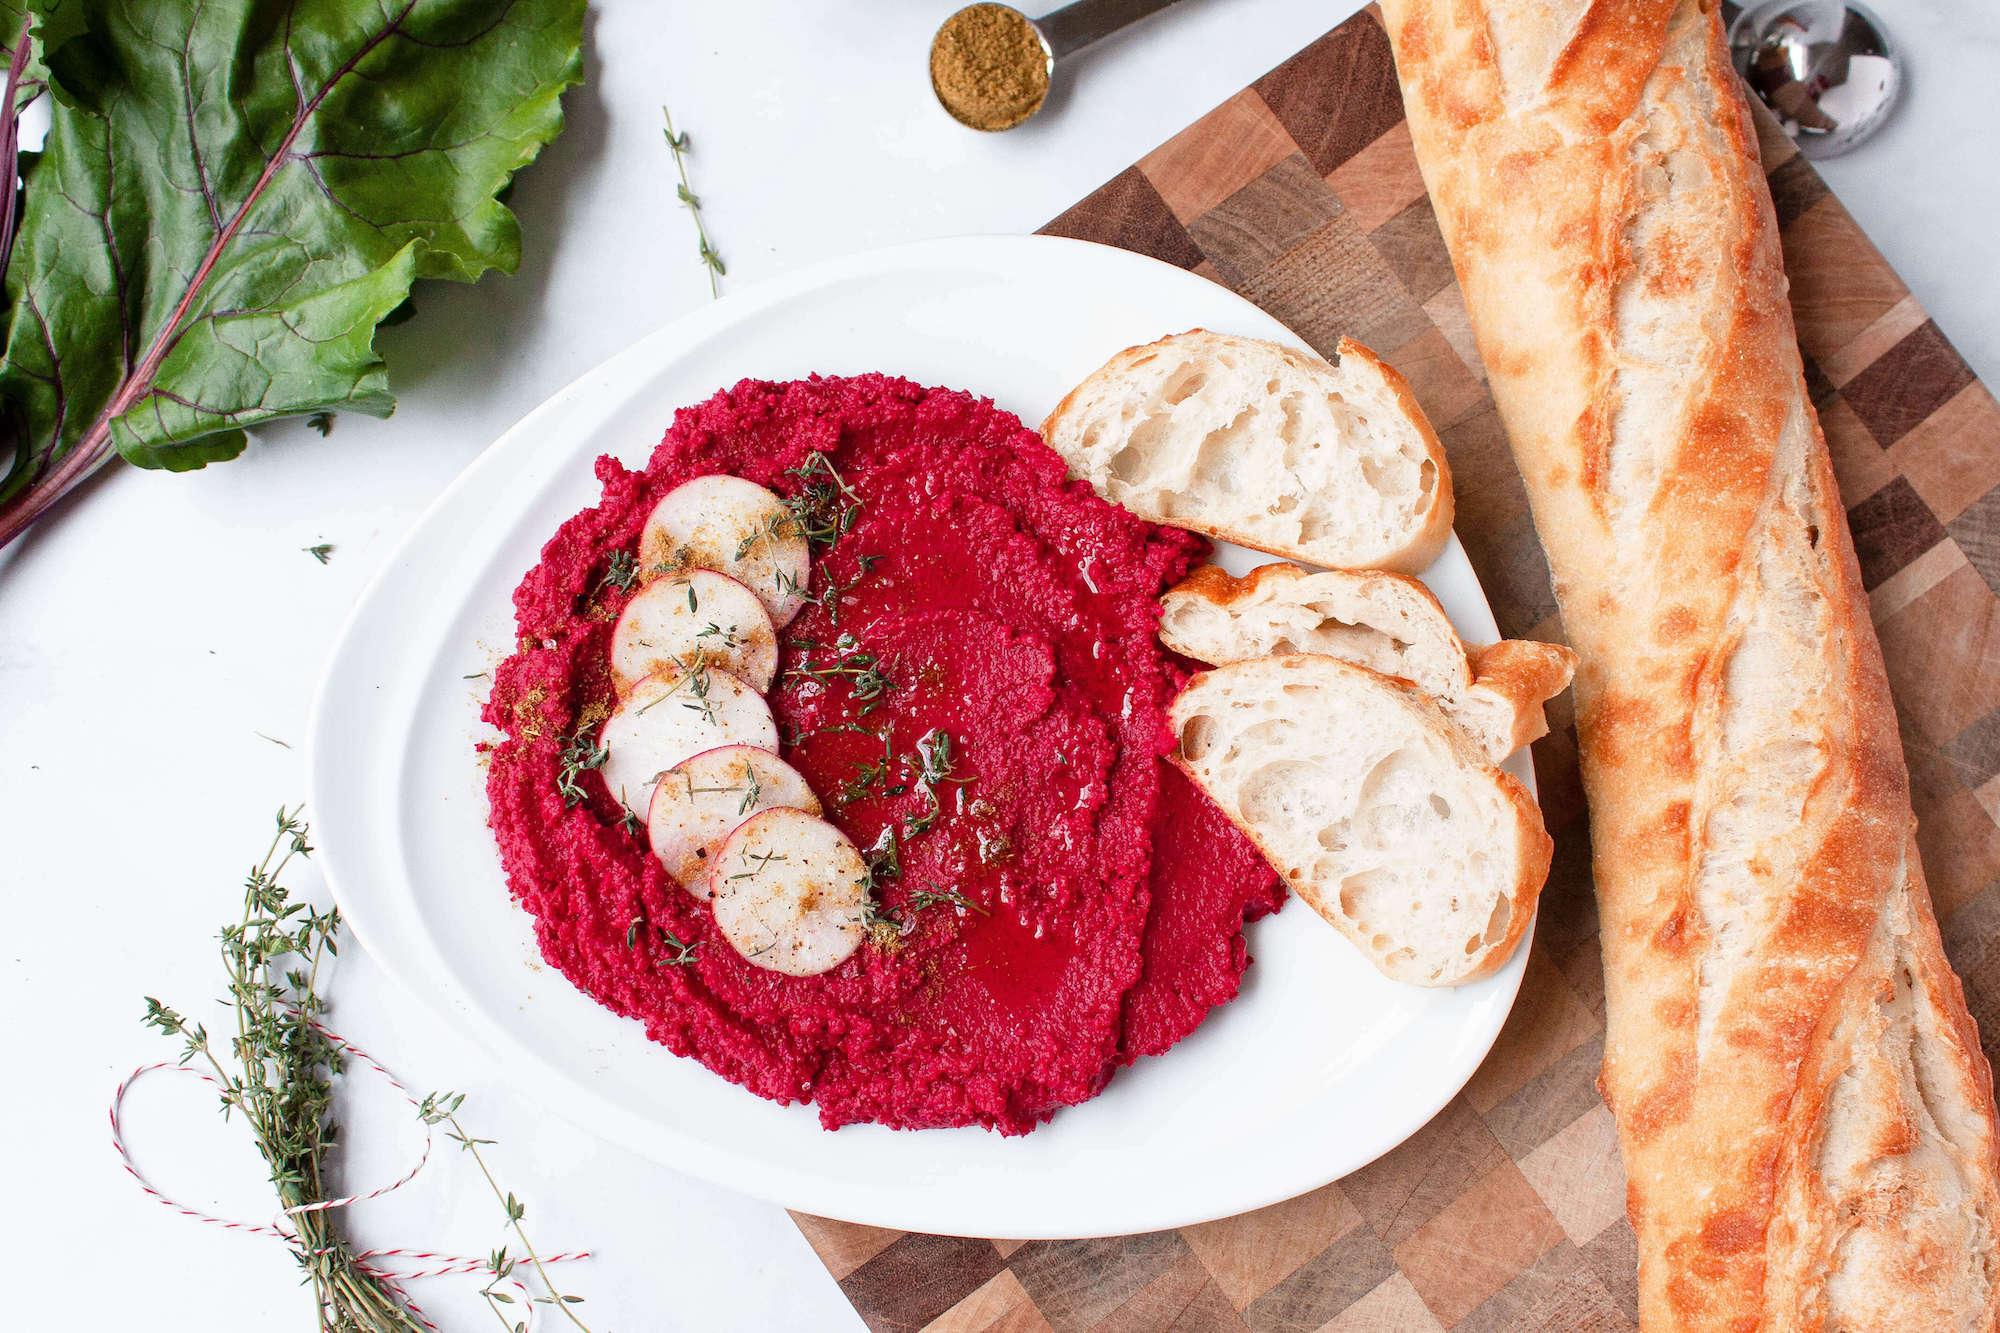 Savory Roasted Beet Hummus